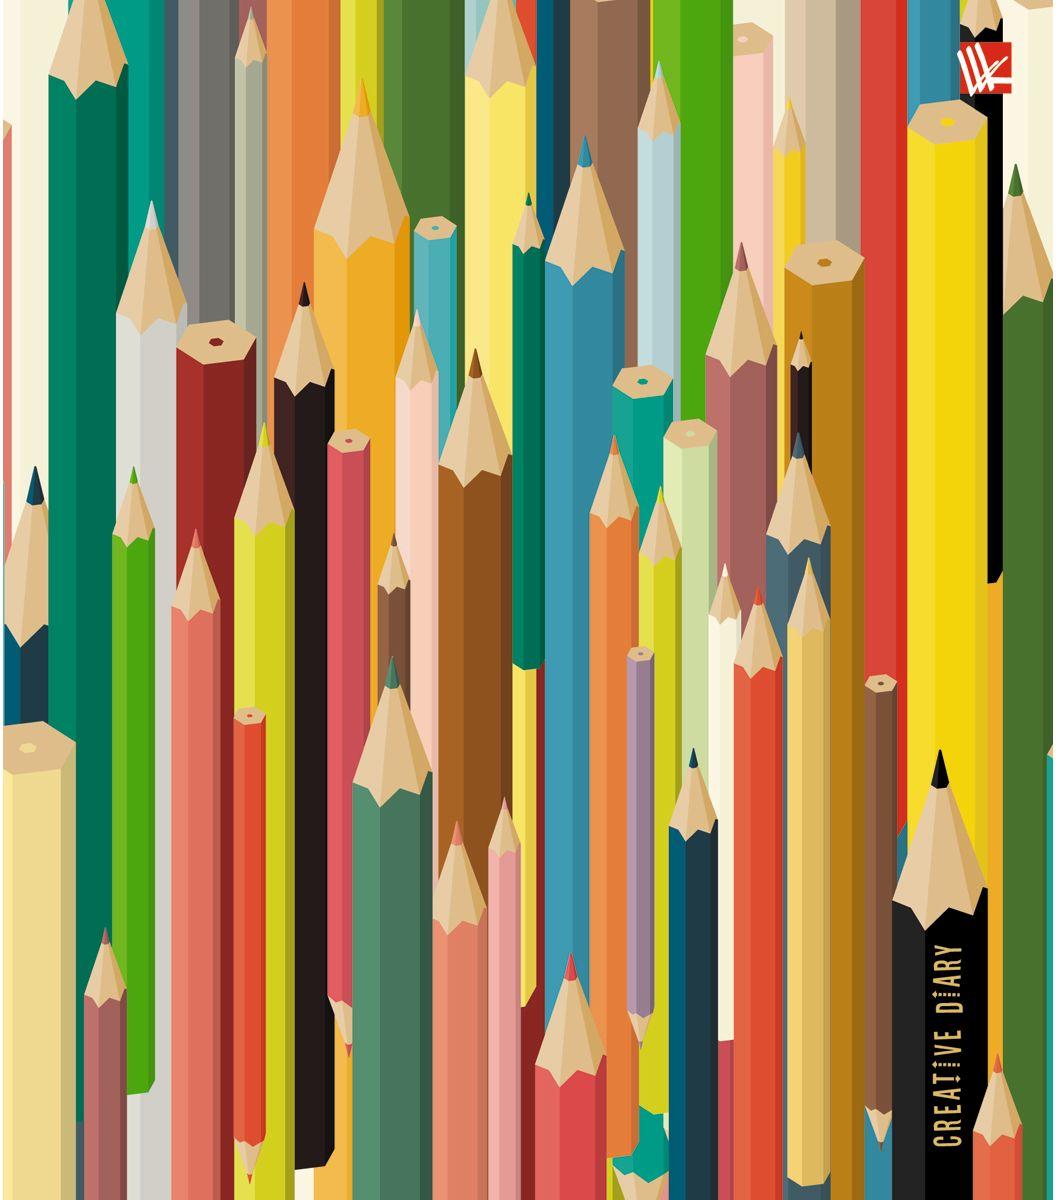 Канц-Эксмо Ежедневник Графика Цветные карандаши недатированный 128 листов канц эксмо ежедневник графика орхидеи недатированный 160 листов формат a5